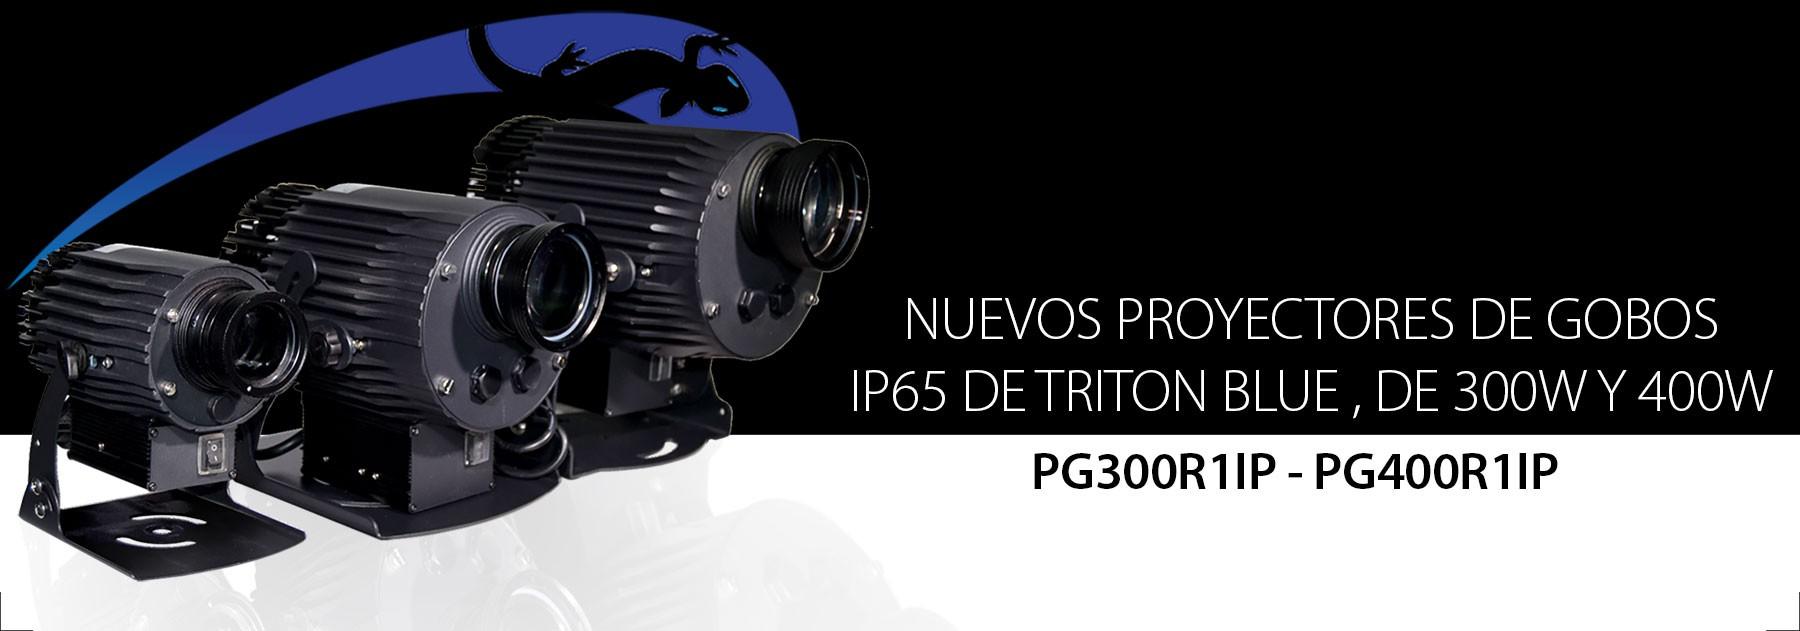 Nuevos proyectores de gobos de Triton Blue en 300W y 400W